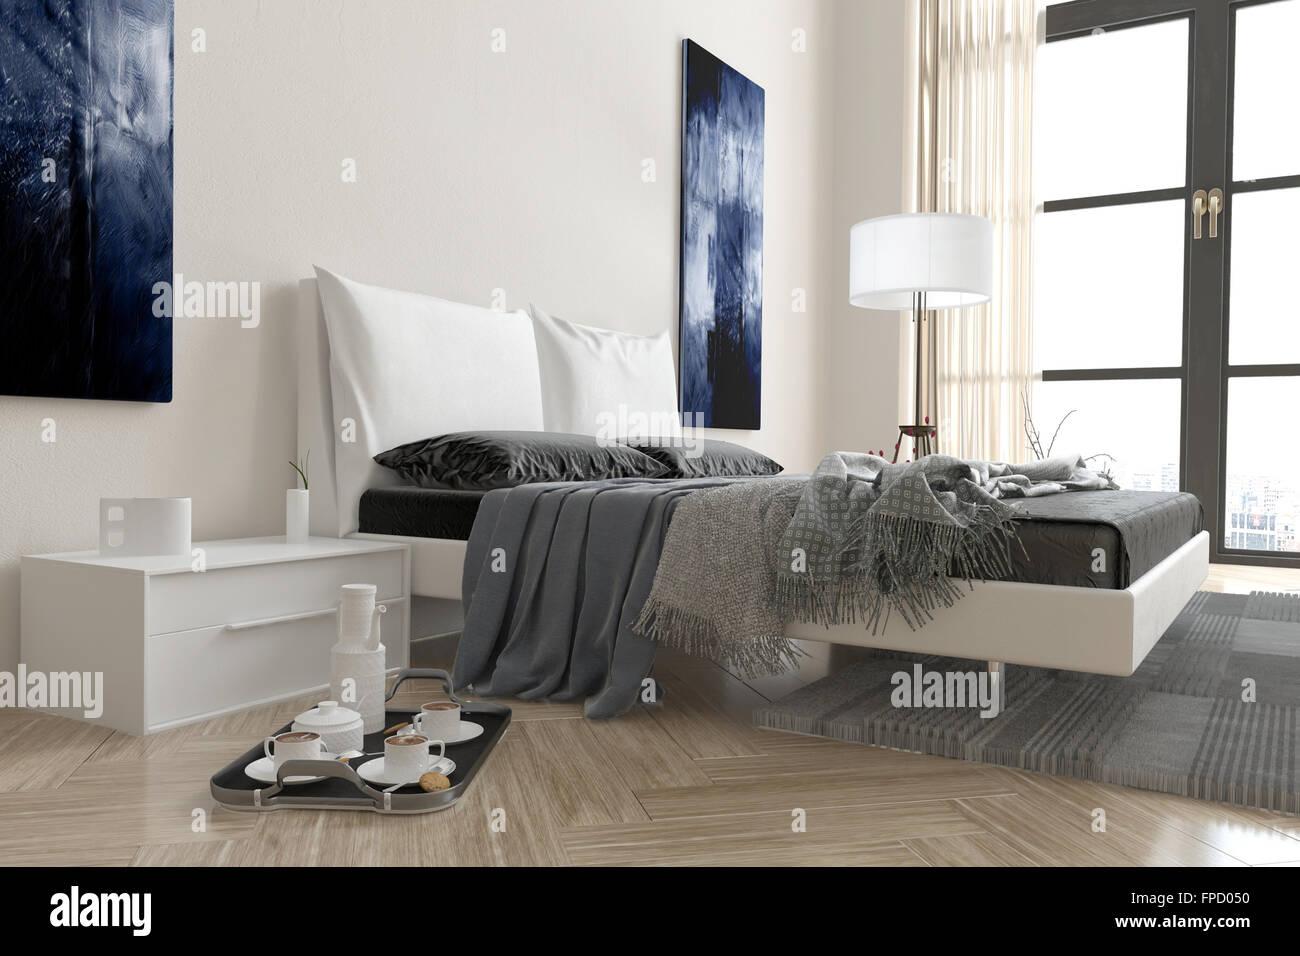 Camera da Letto Moderno interno con doppio divano letto ...